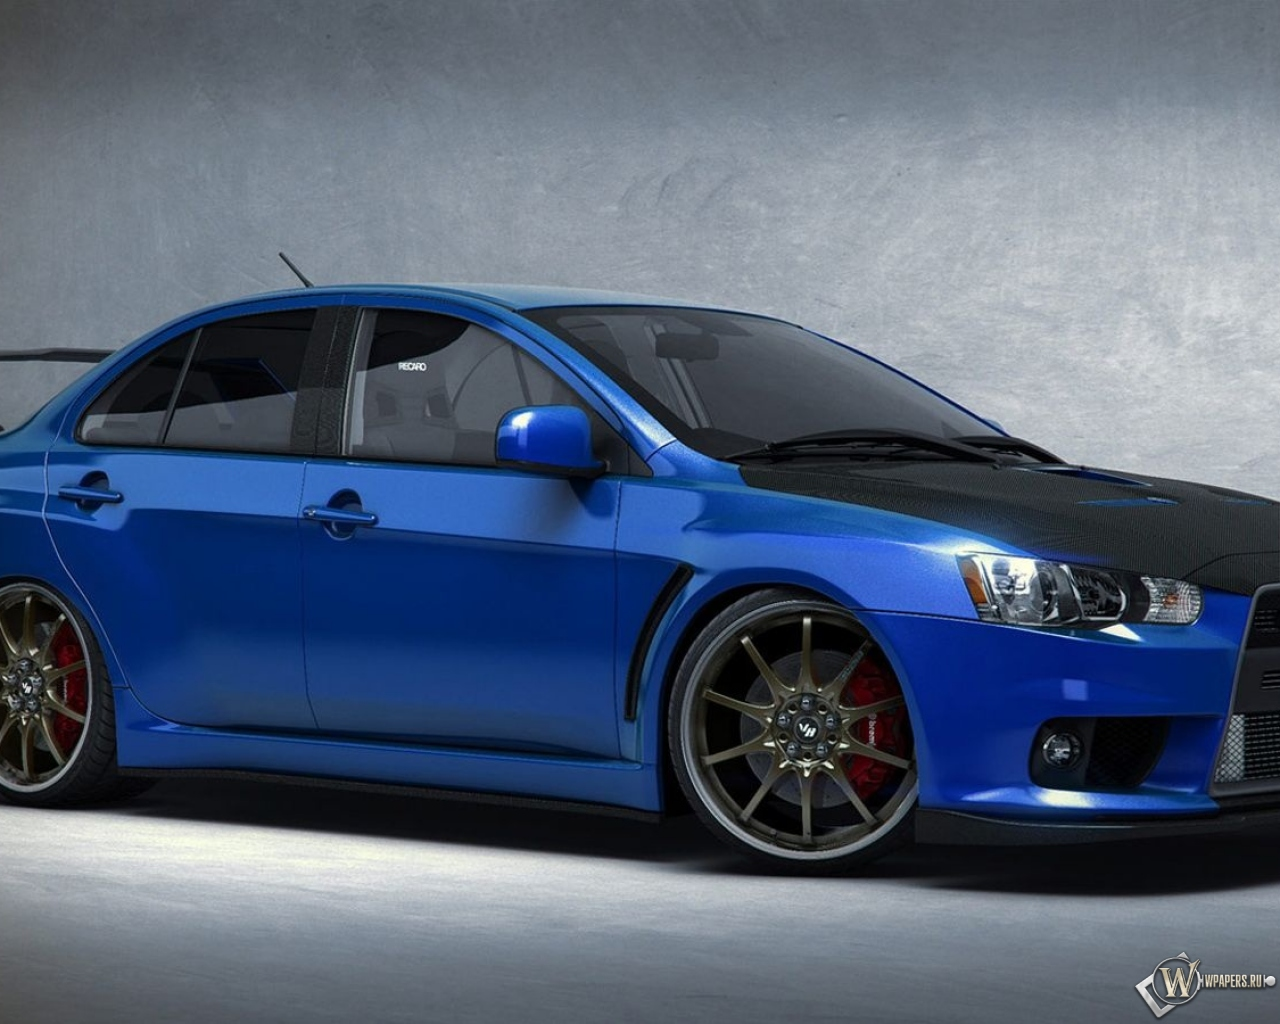 Скачать обои Синий Mitsubishi Lancer Evo Синий Mitsubishi Lancer Evolution для рабочего стола